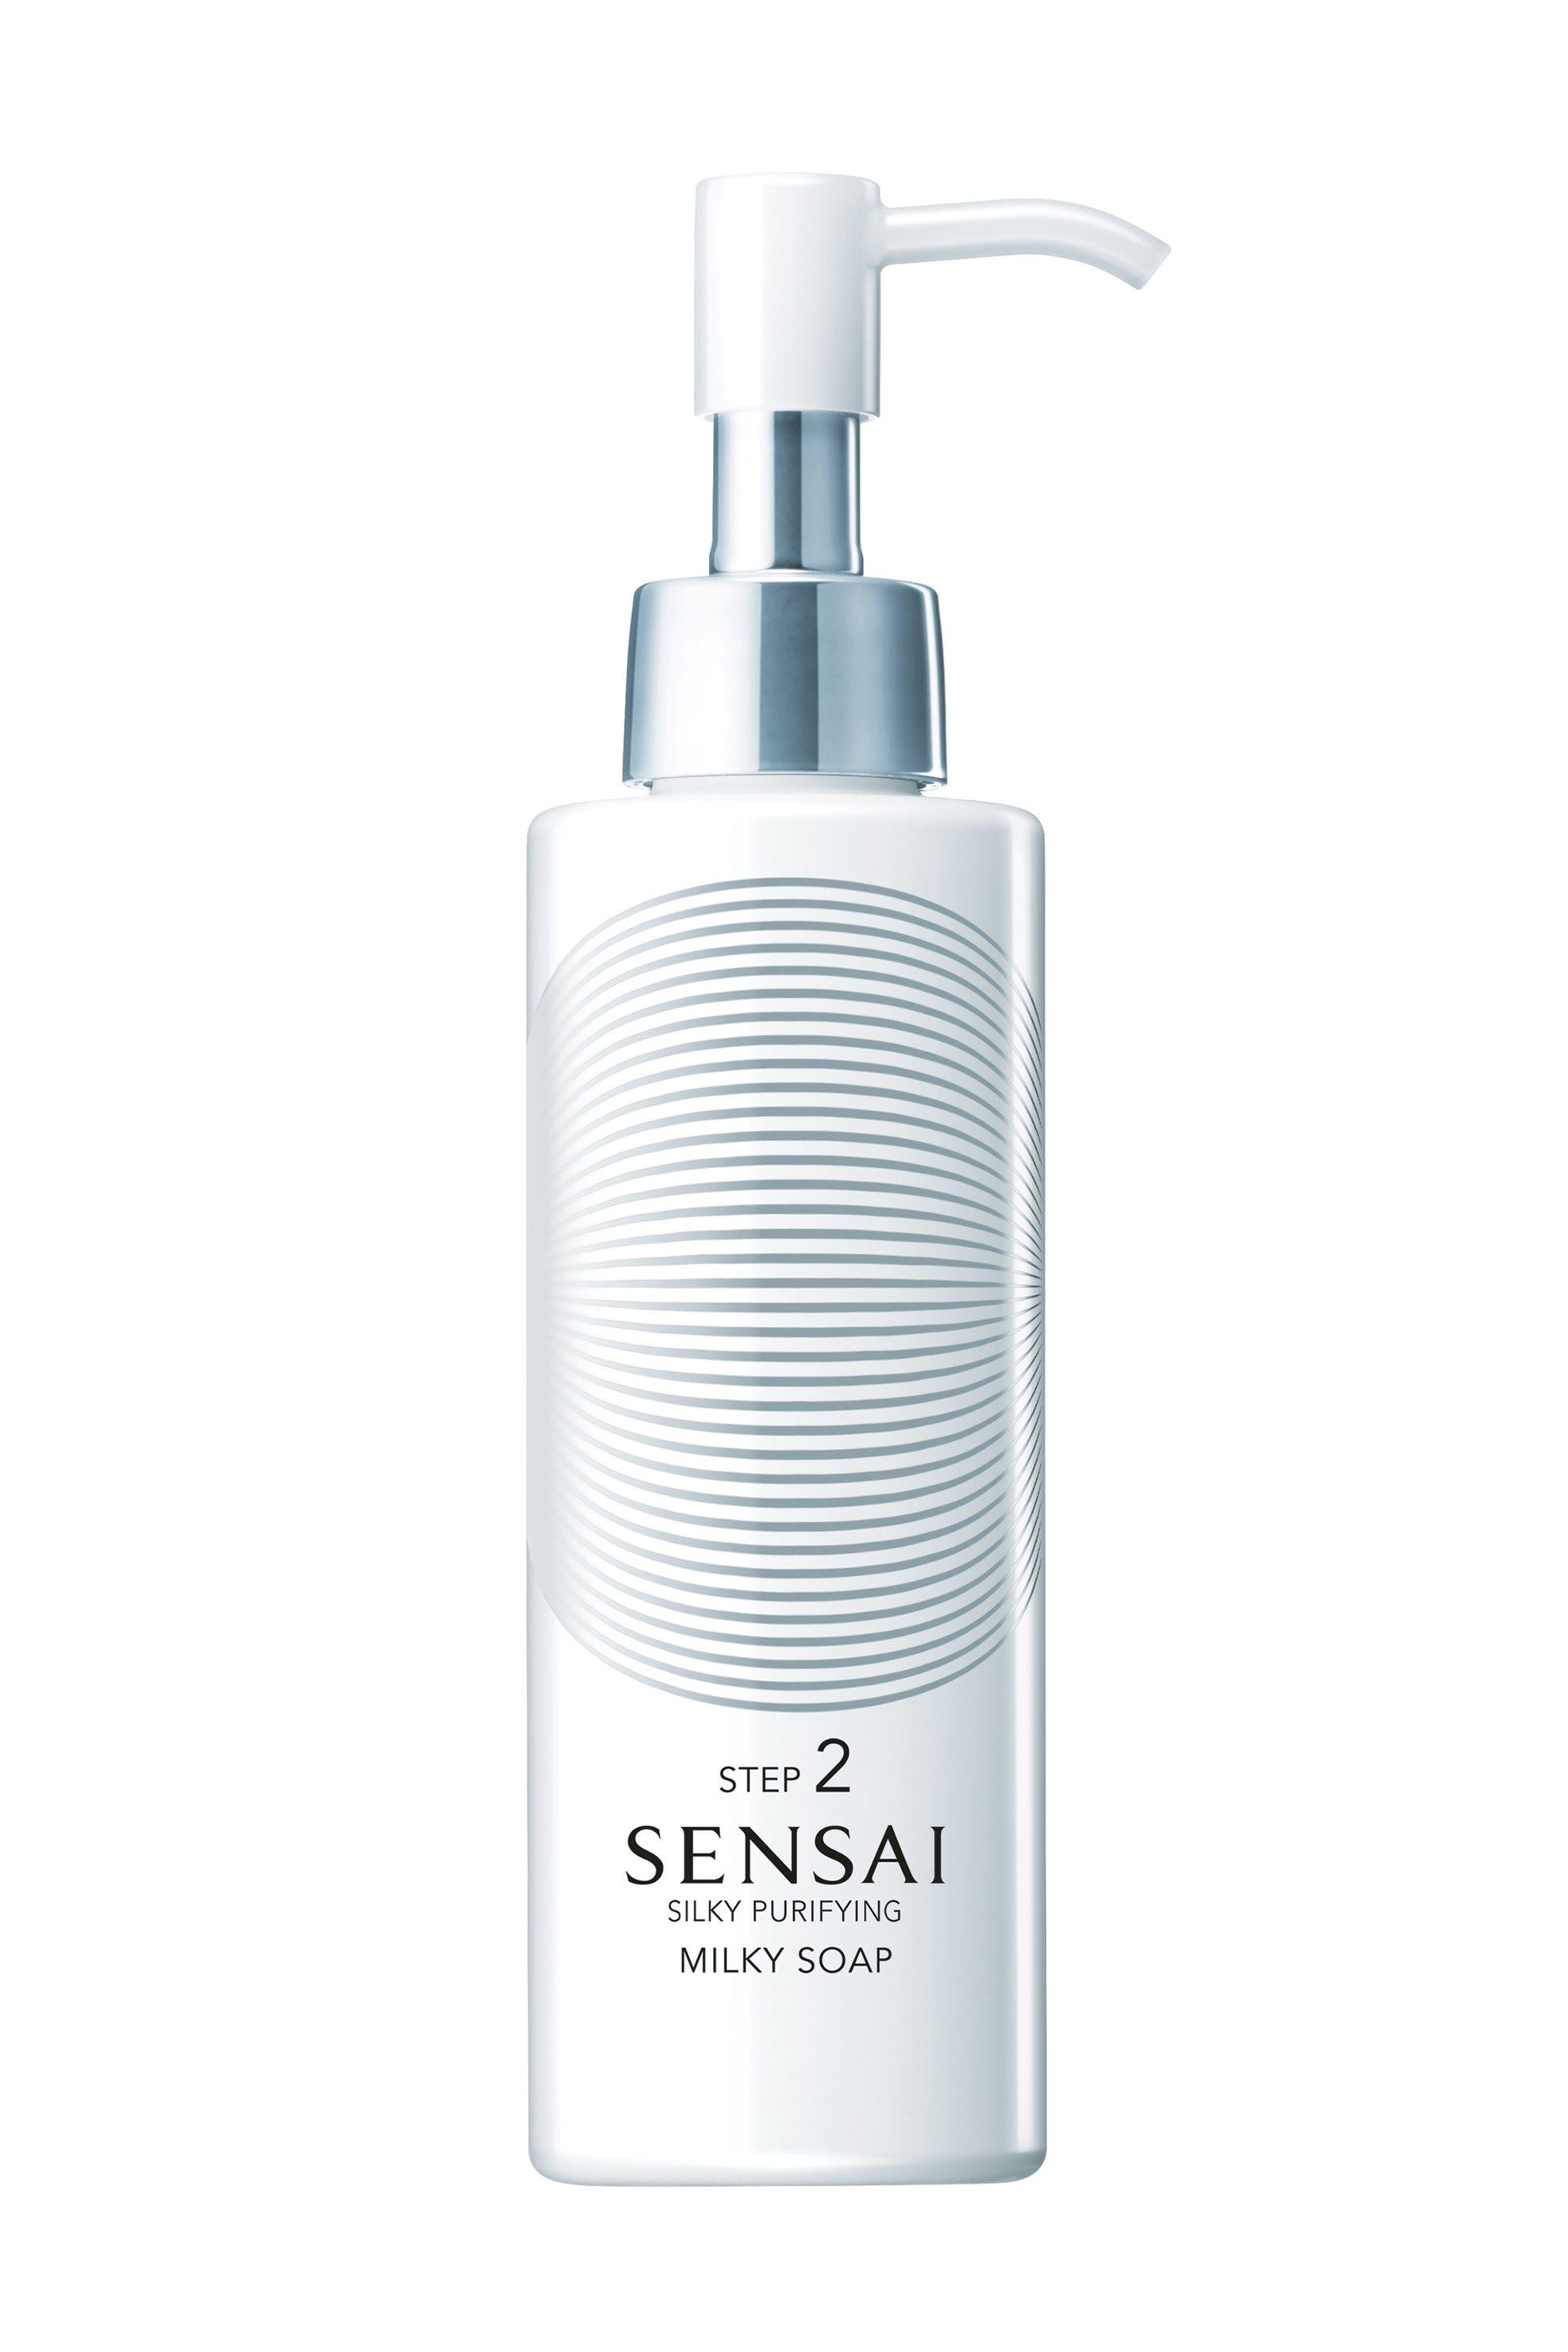 Sensai Silky Purifying Step 2 Milky Soap 125 ml - 90373